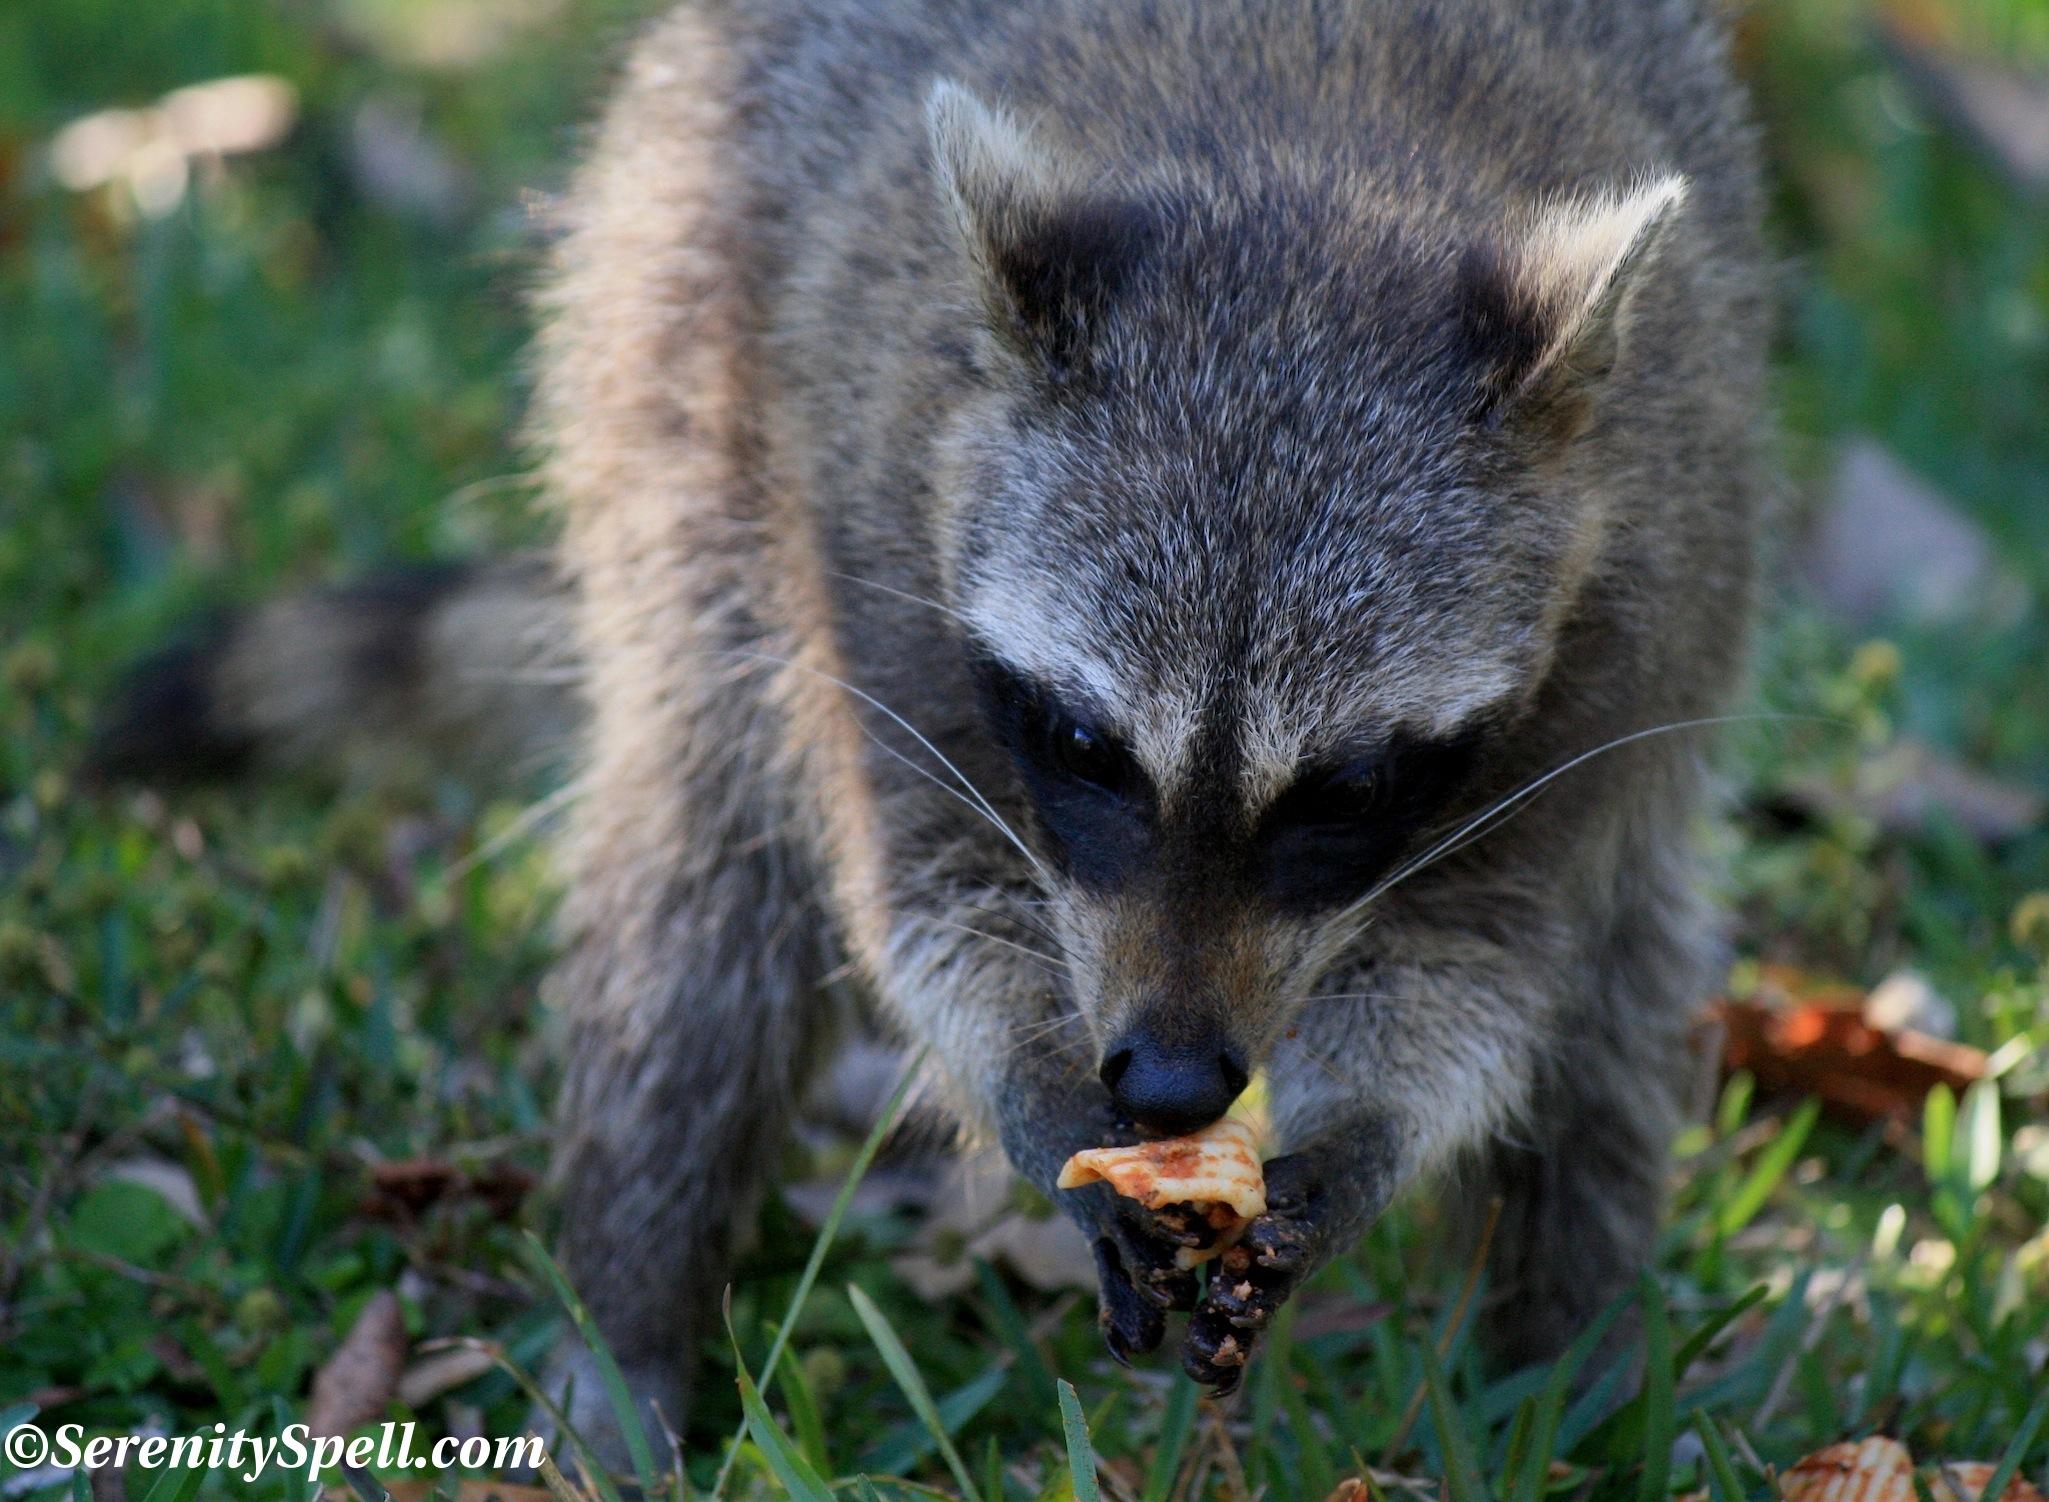 Raccoons Serenity Spell